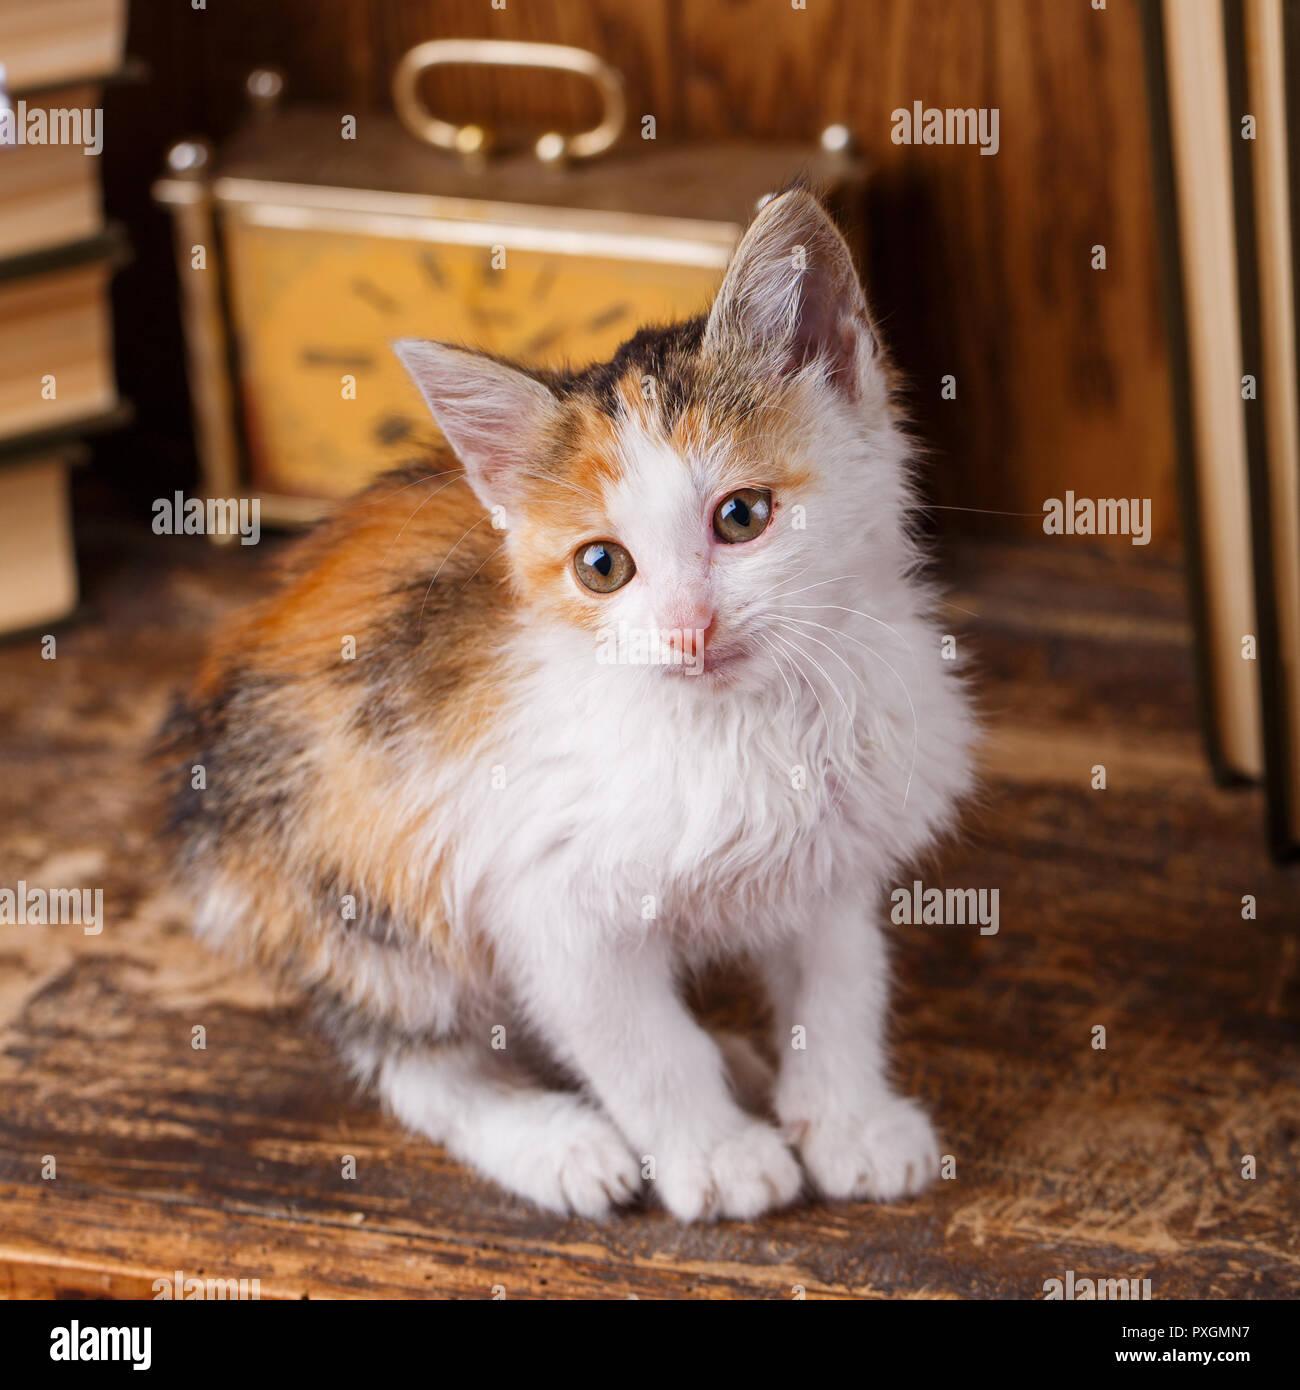 Le chat sur l'étagère. Petit Chaton espiègle. Photo Stock